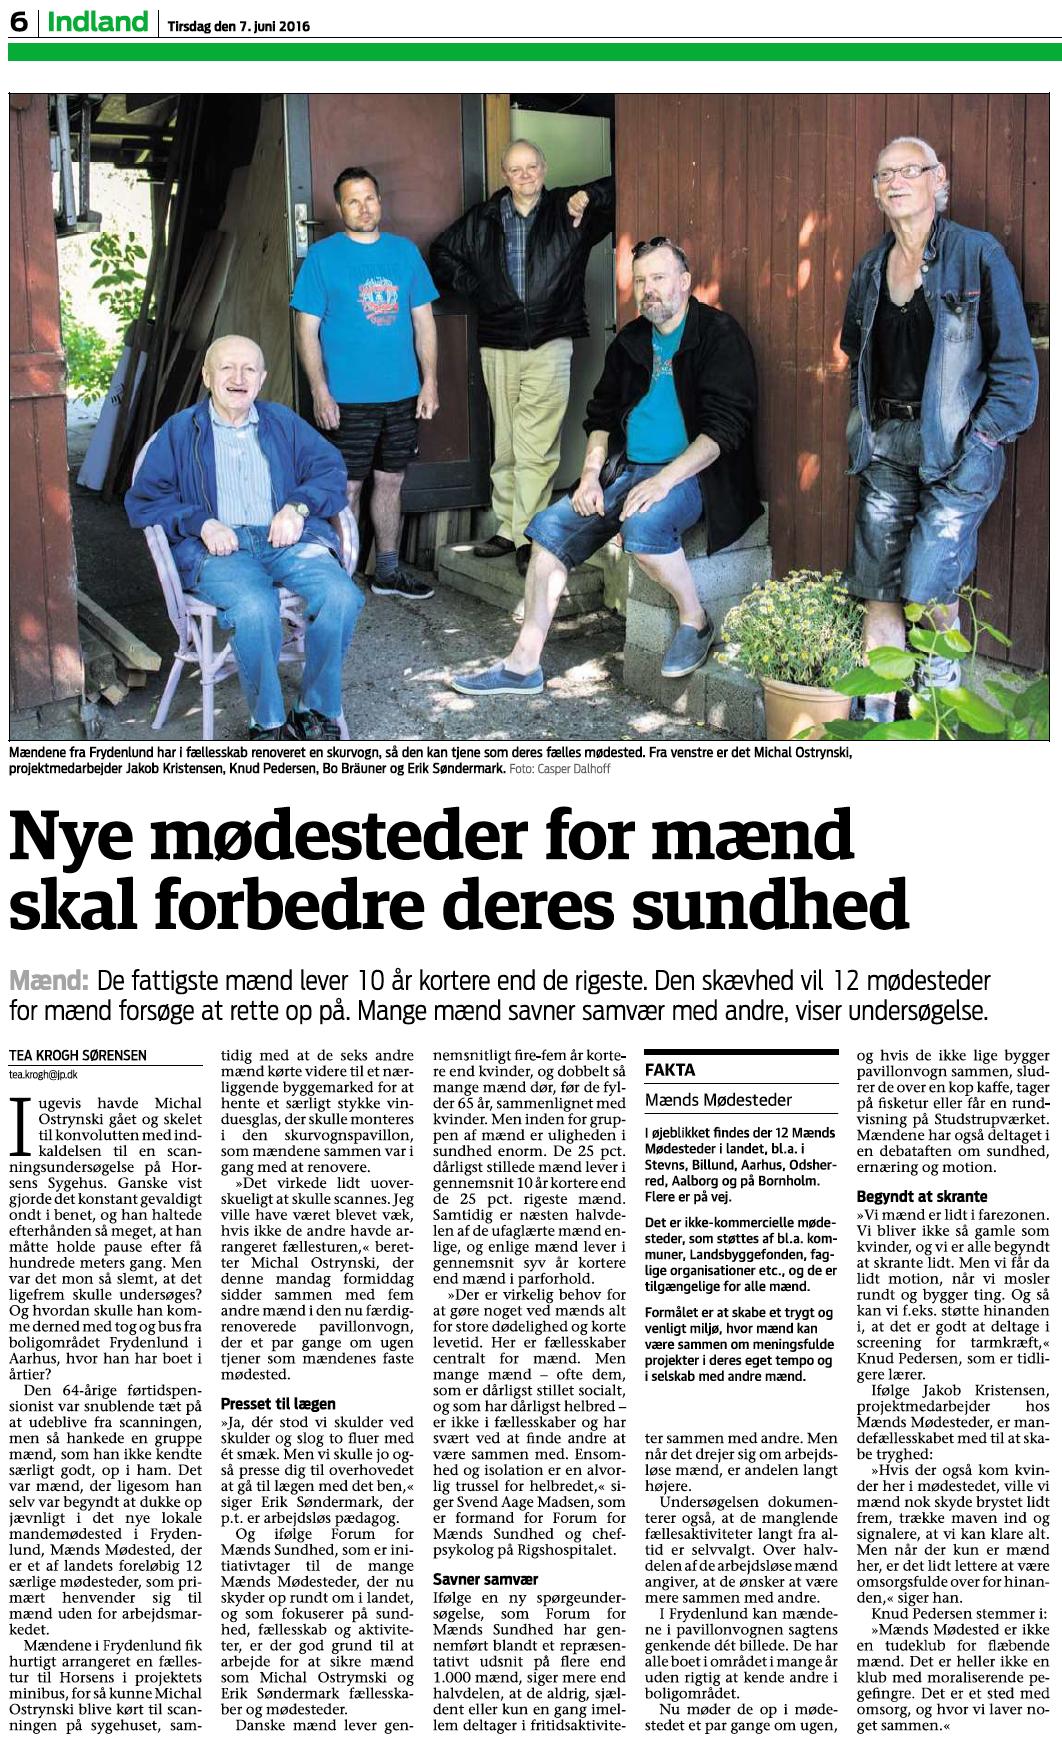 danskepiger mødesteder for mænd